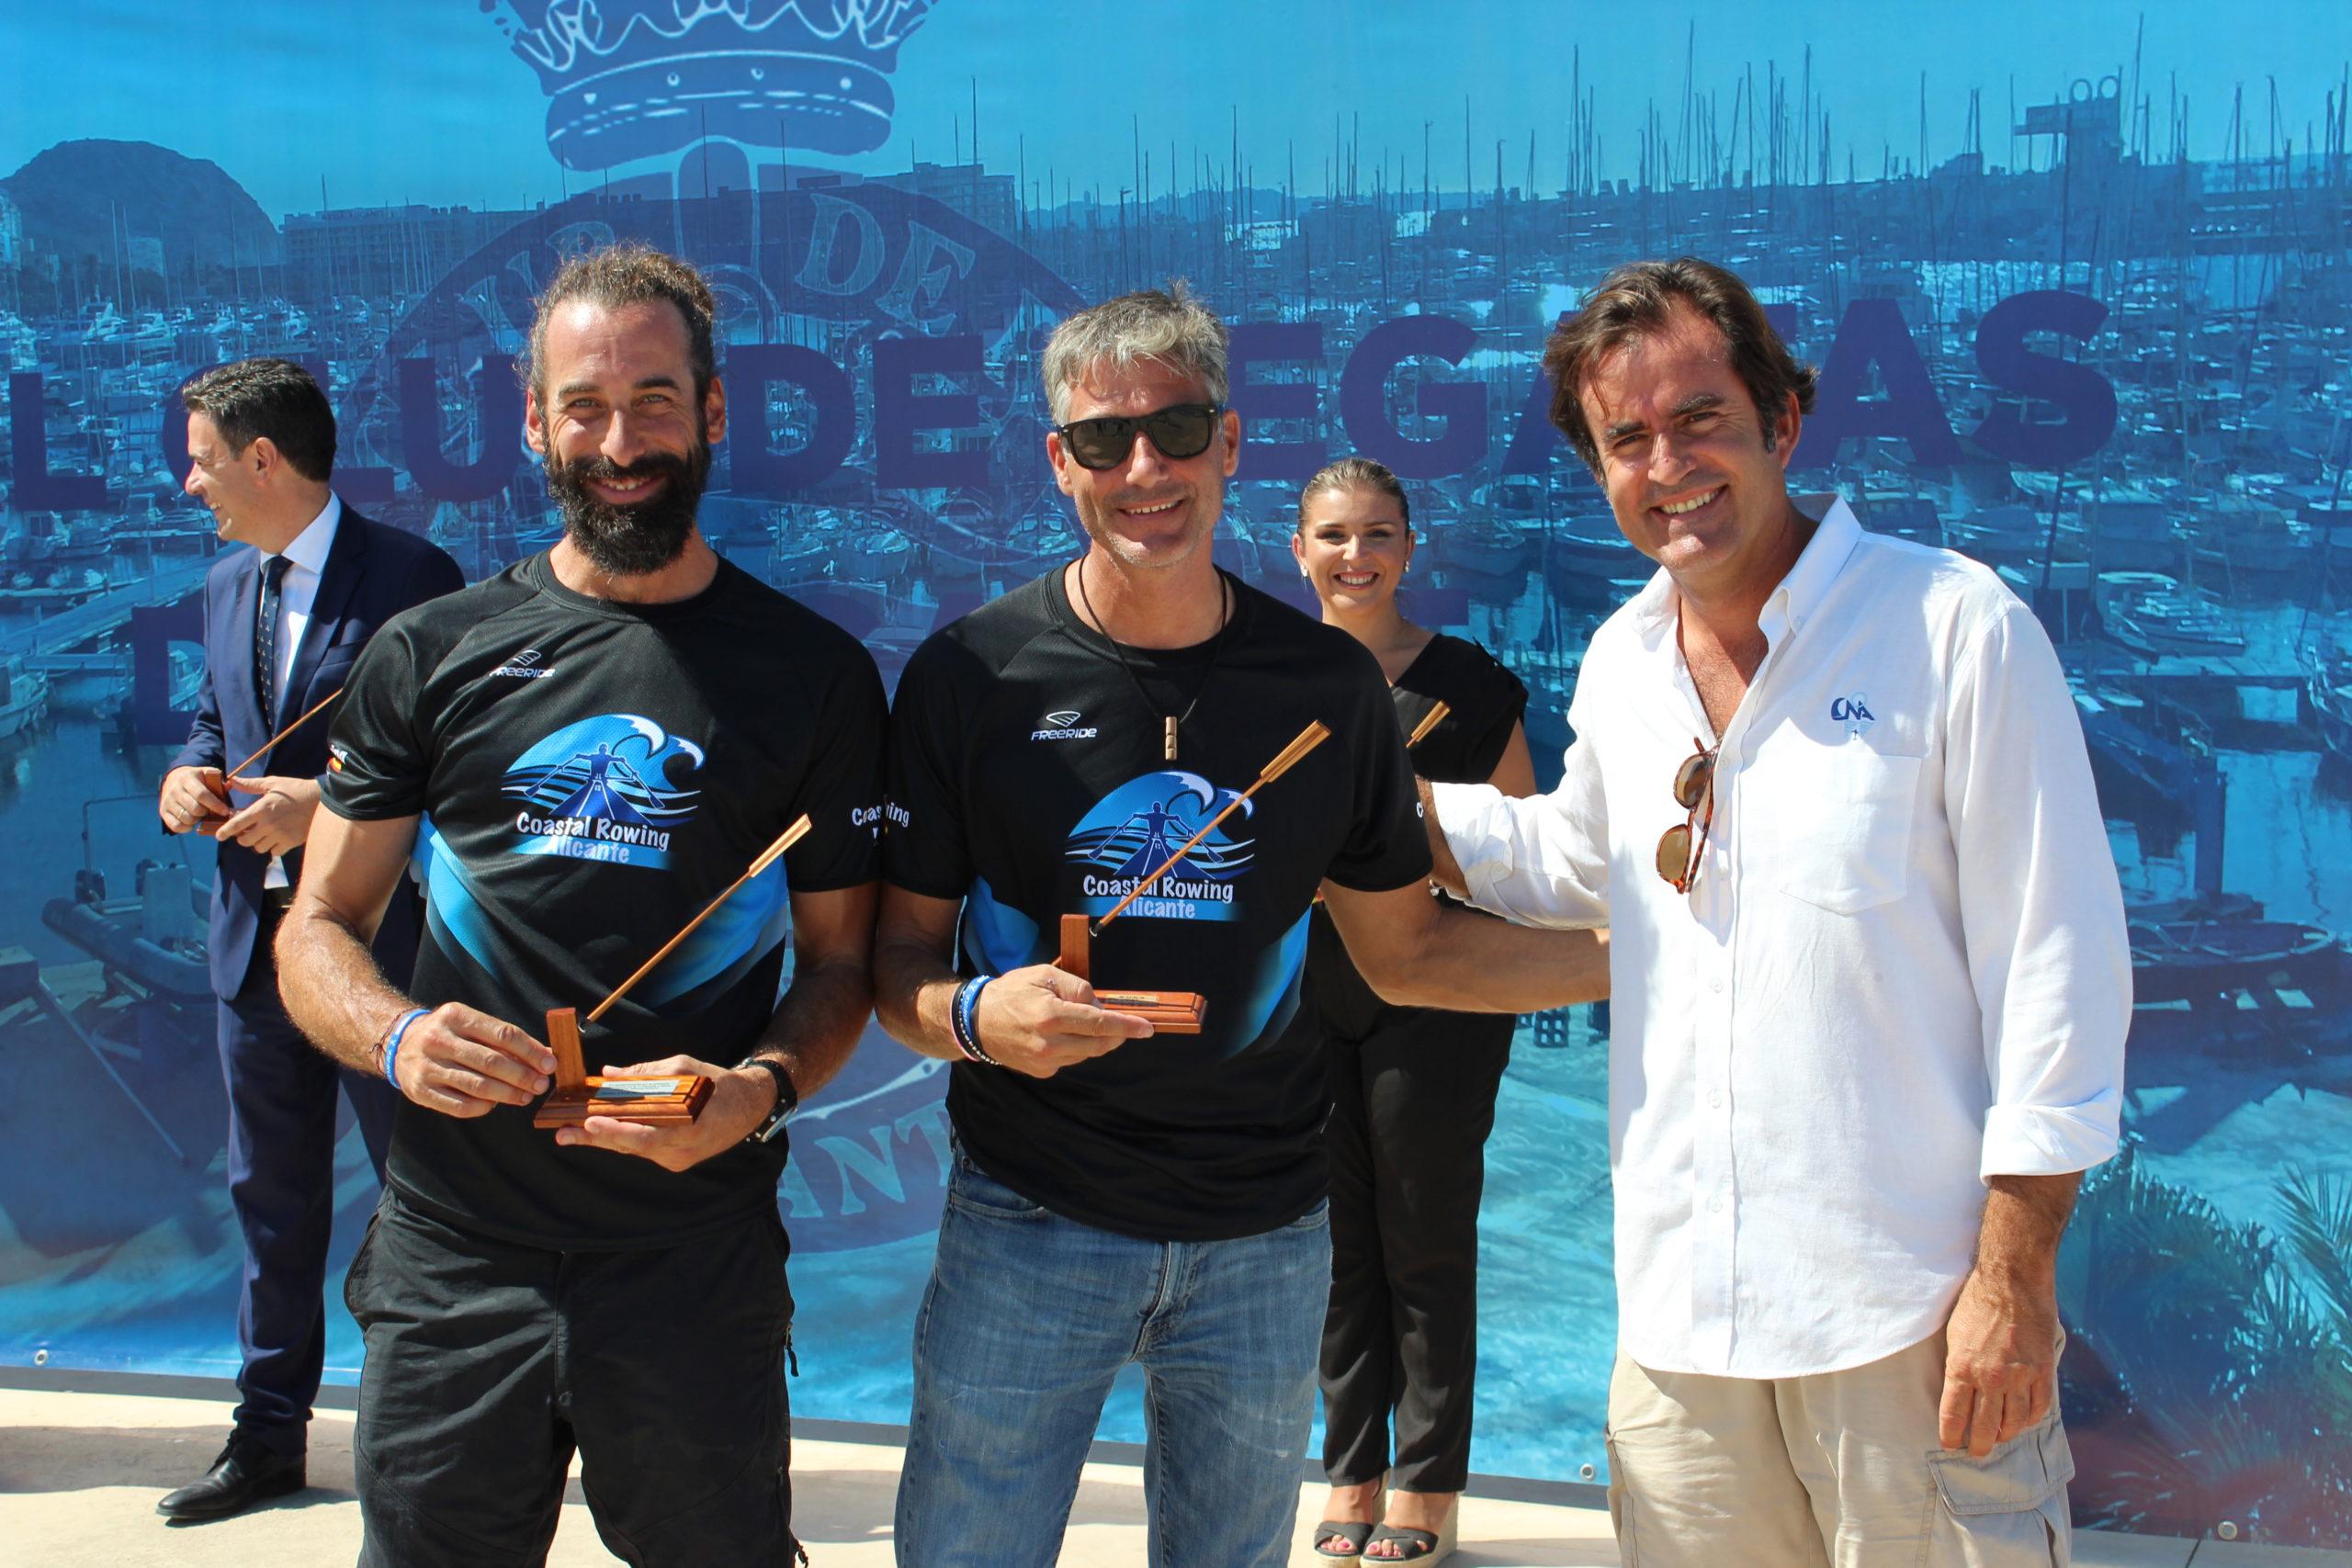 Fernando y Javier, creadores del desafío   RCRA